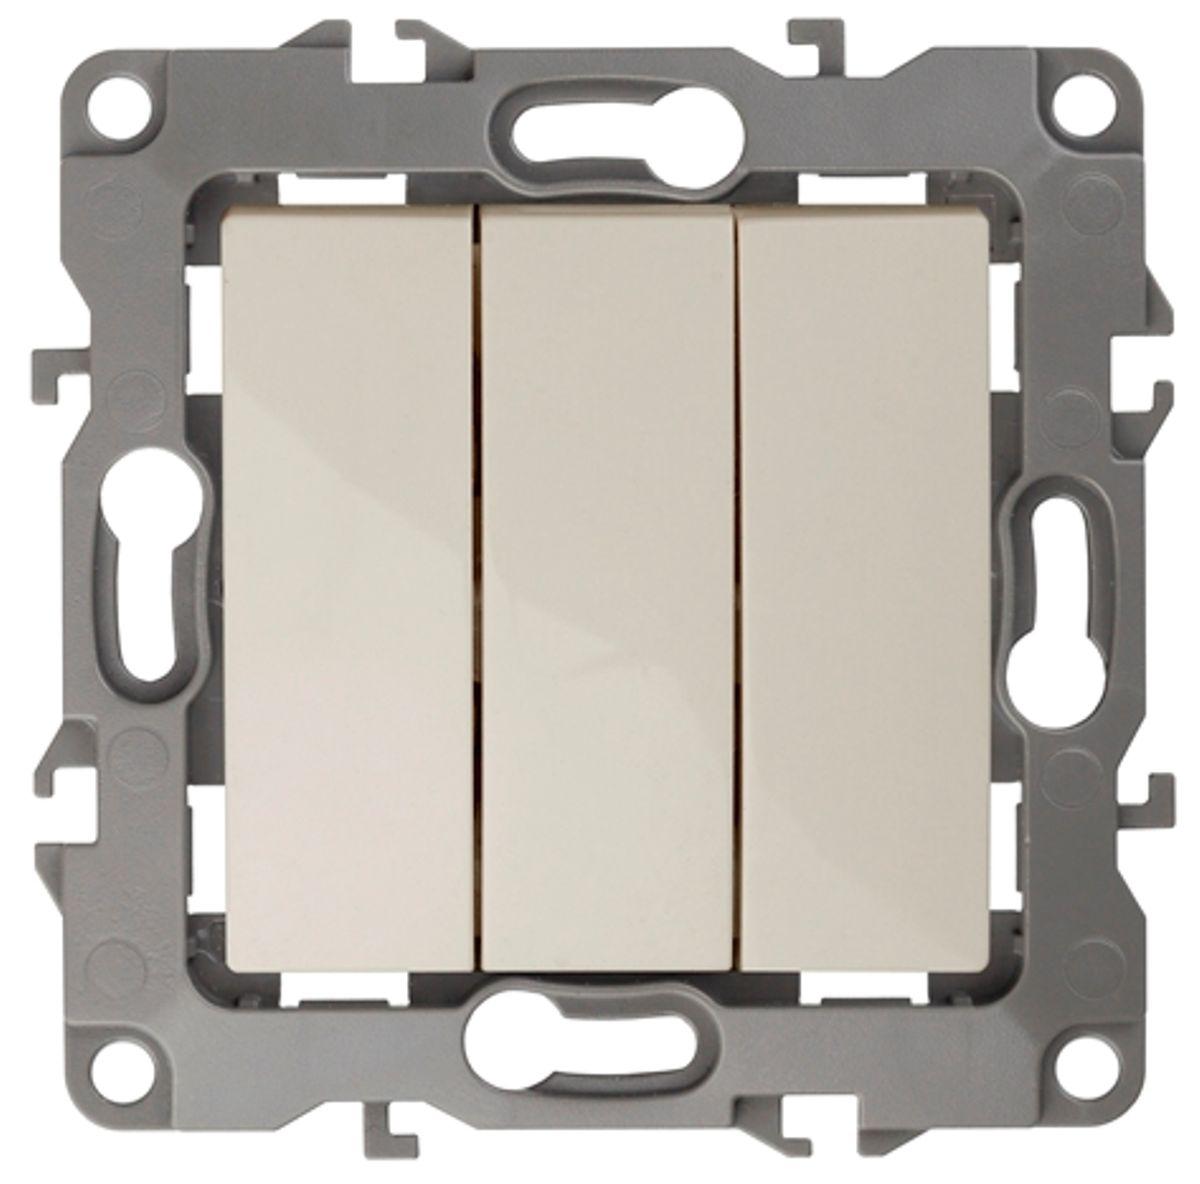 Выключатель ЭРА, тройной, цвет: слоновая кость, серый. 12-110712-1107-02Тройной выключатель ЭРА выполнен из прочного пластика, контакты бронзовые. Изделие просто в установке, надежно в эксплуатации. Выключатель имеет специальные фиксаторы, которые не дают ему смещаться как при монтаже, так и в процессе эксплуатации. Автоматические зажимы кабеля обеспечивают быстрый и надежный монтаж изделия к электросети без отвертки и не требуют обслуживания в отличие от винтовых зажимов.